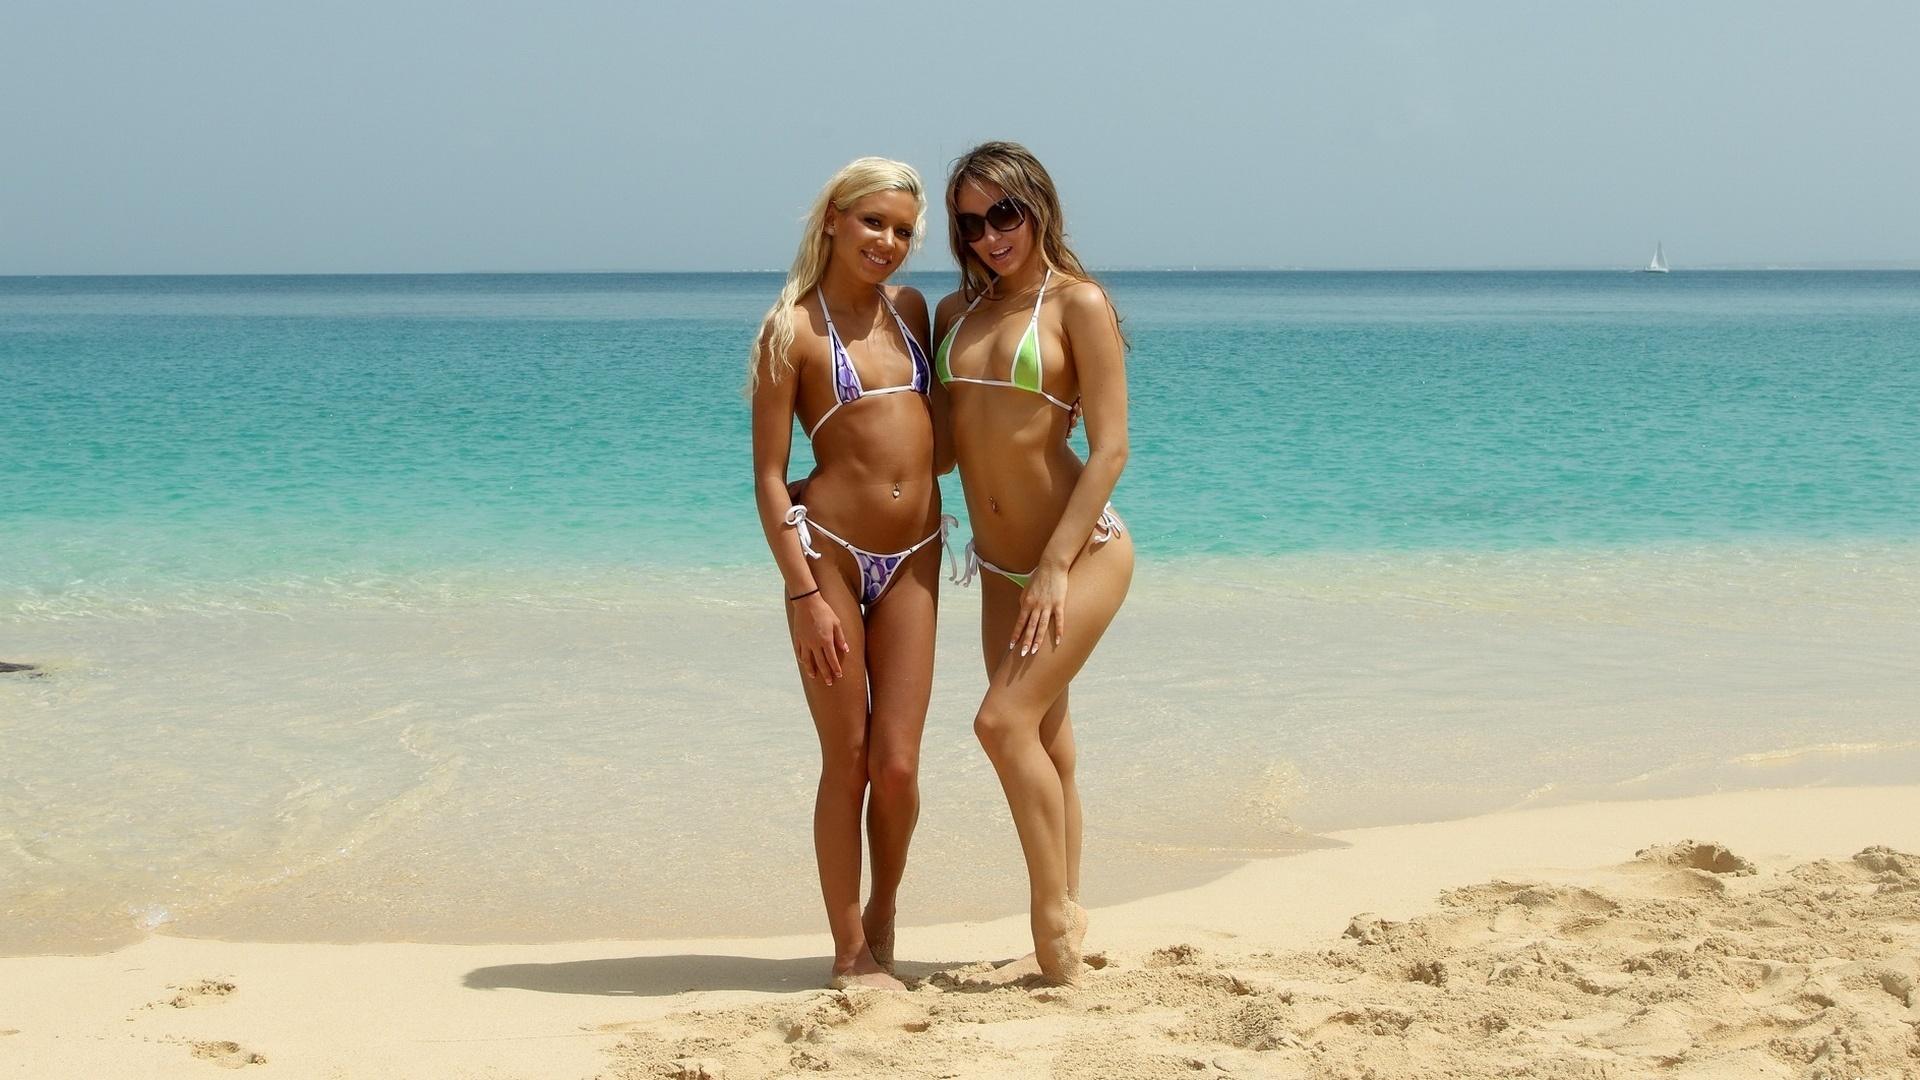 был против девчата на пляже диком фото онлайн, которое